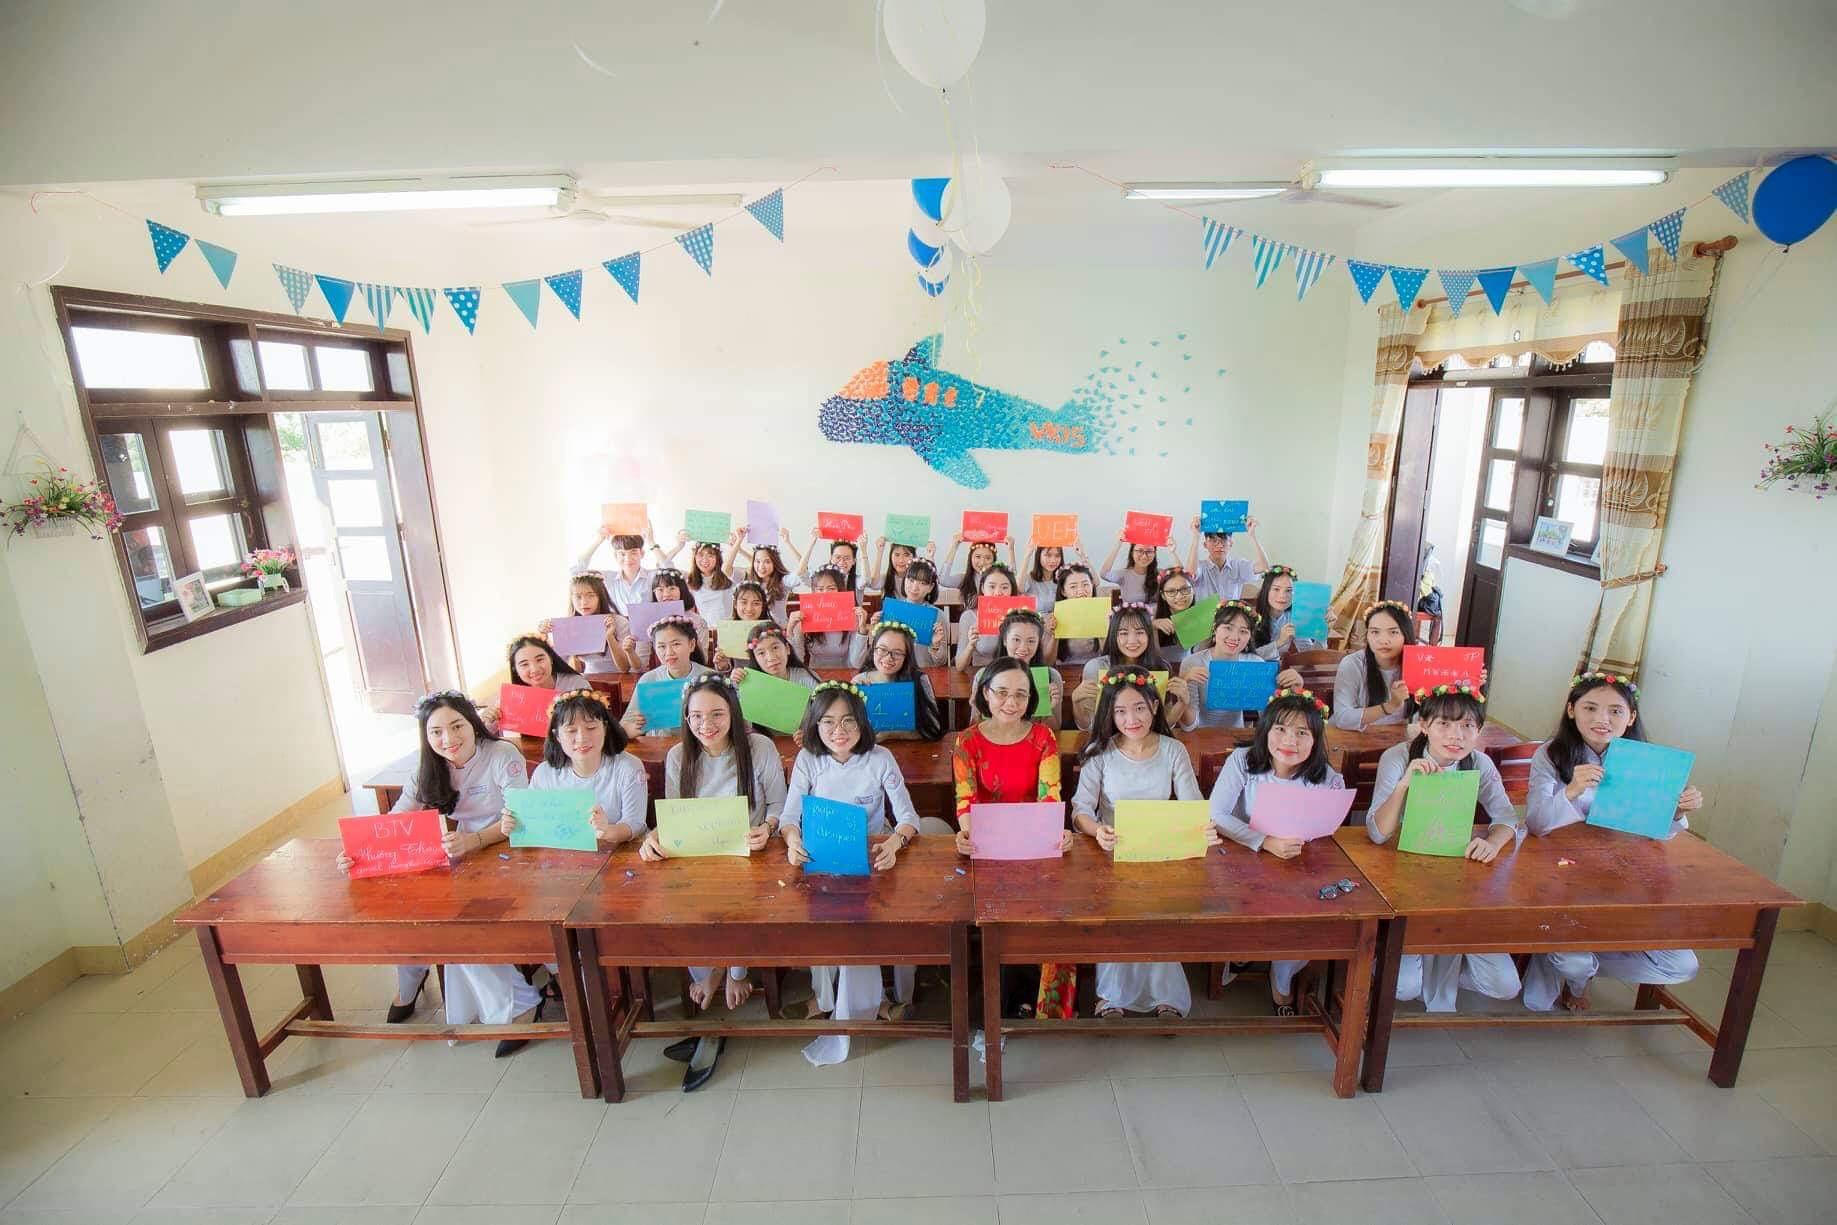 Ảnh 4: Nữ sinh thi được 9.5 Văn - We25.vn